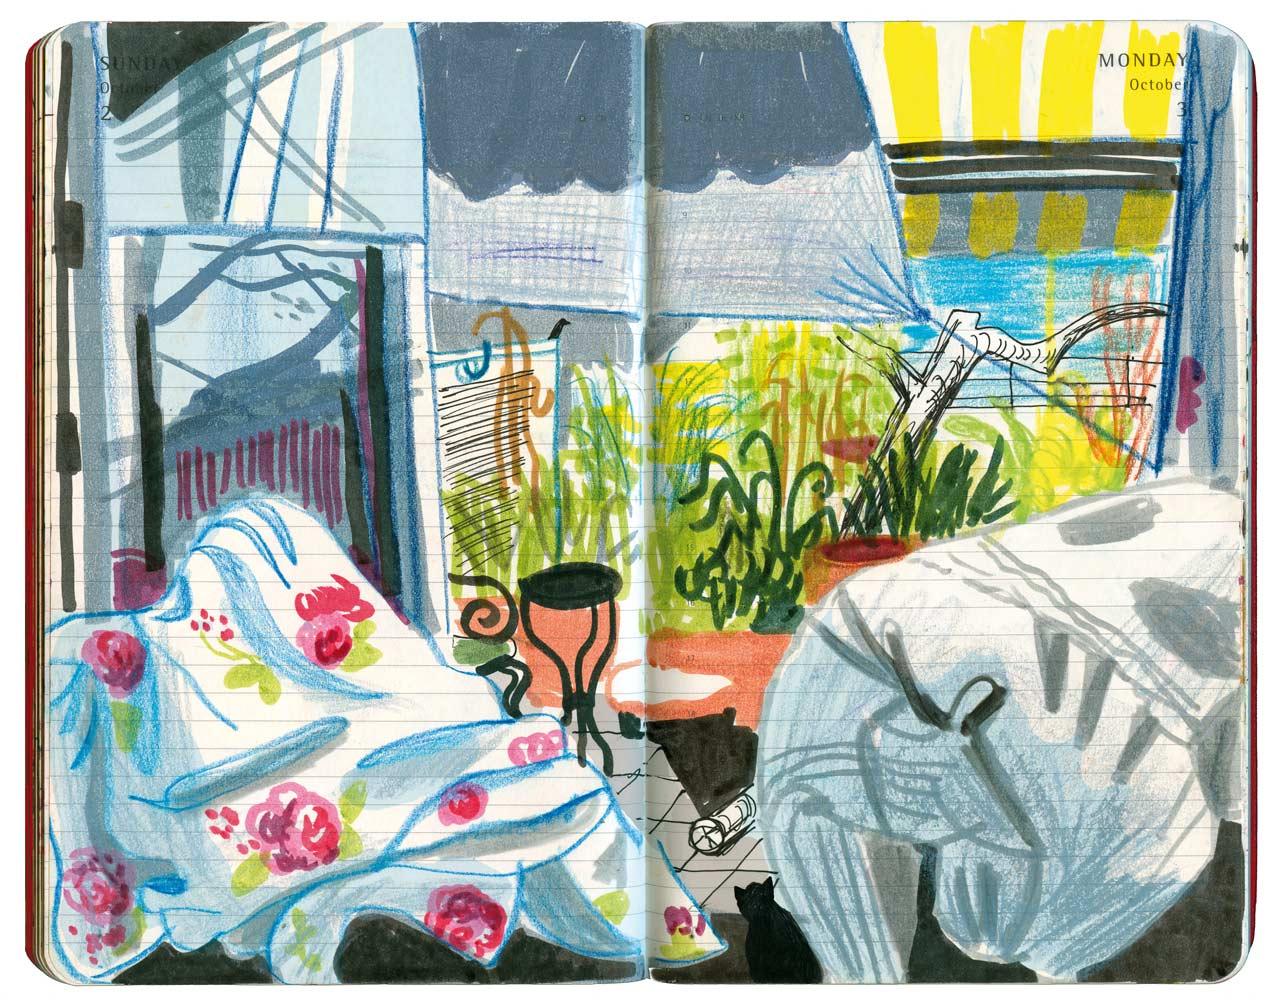 Bettwäsche im Sommer vor dem weit offenen Balkon, helle Farben